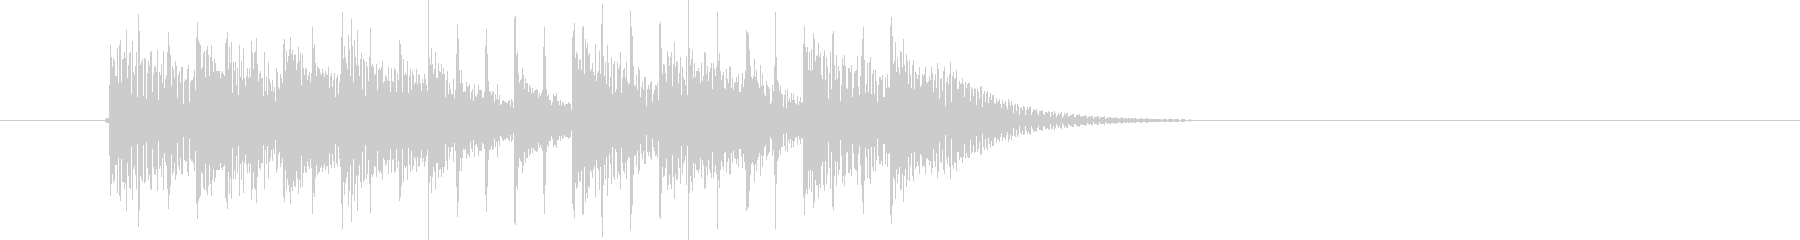 クールな疾走感のジングル、サウンドロゴの未再生の波形